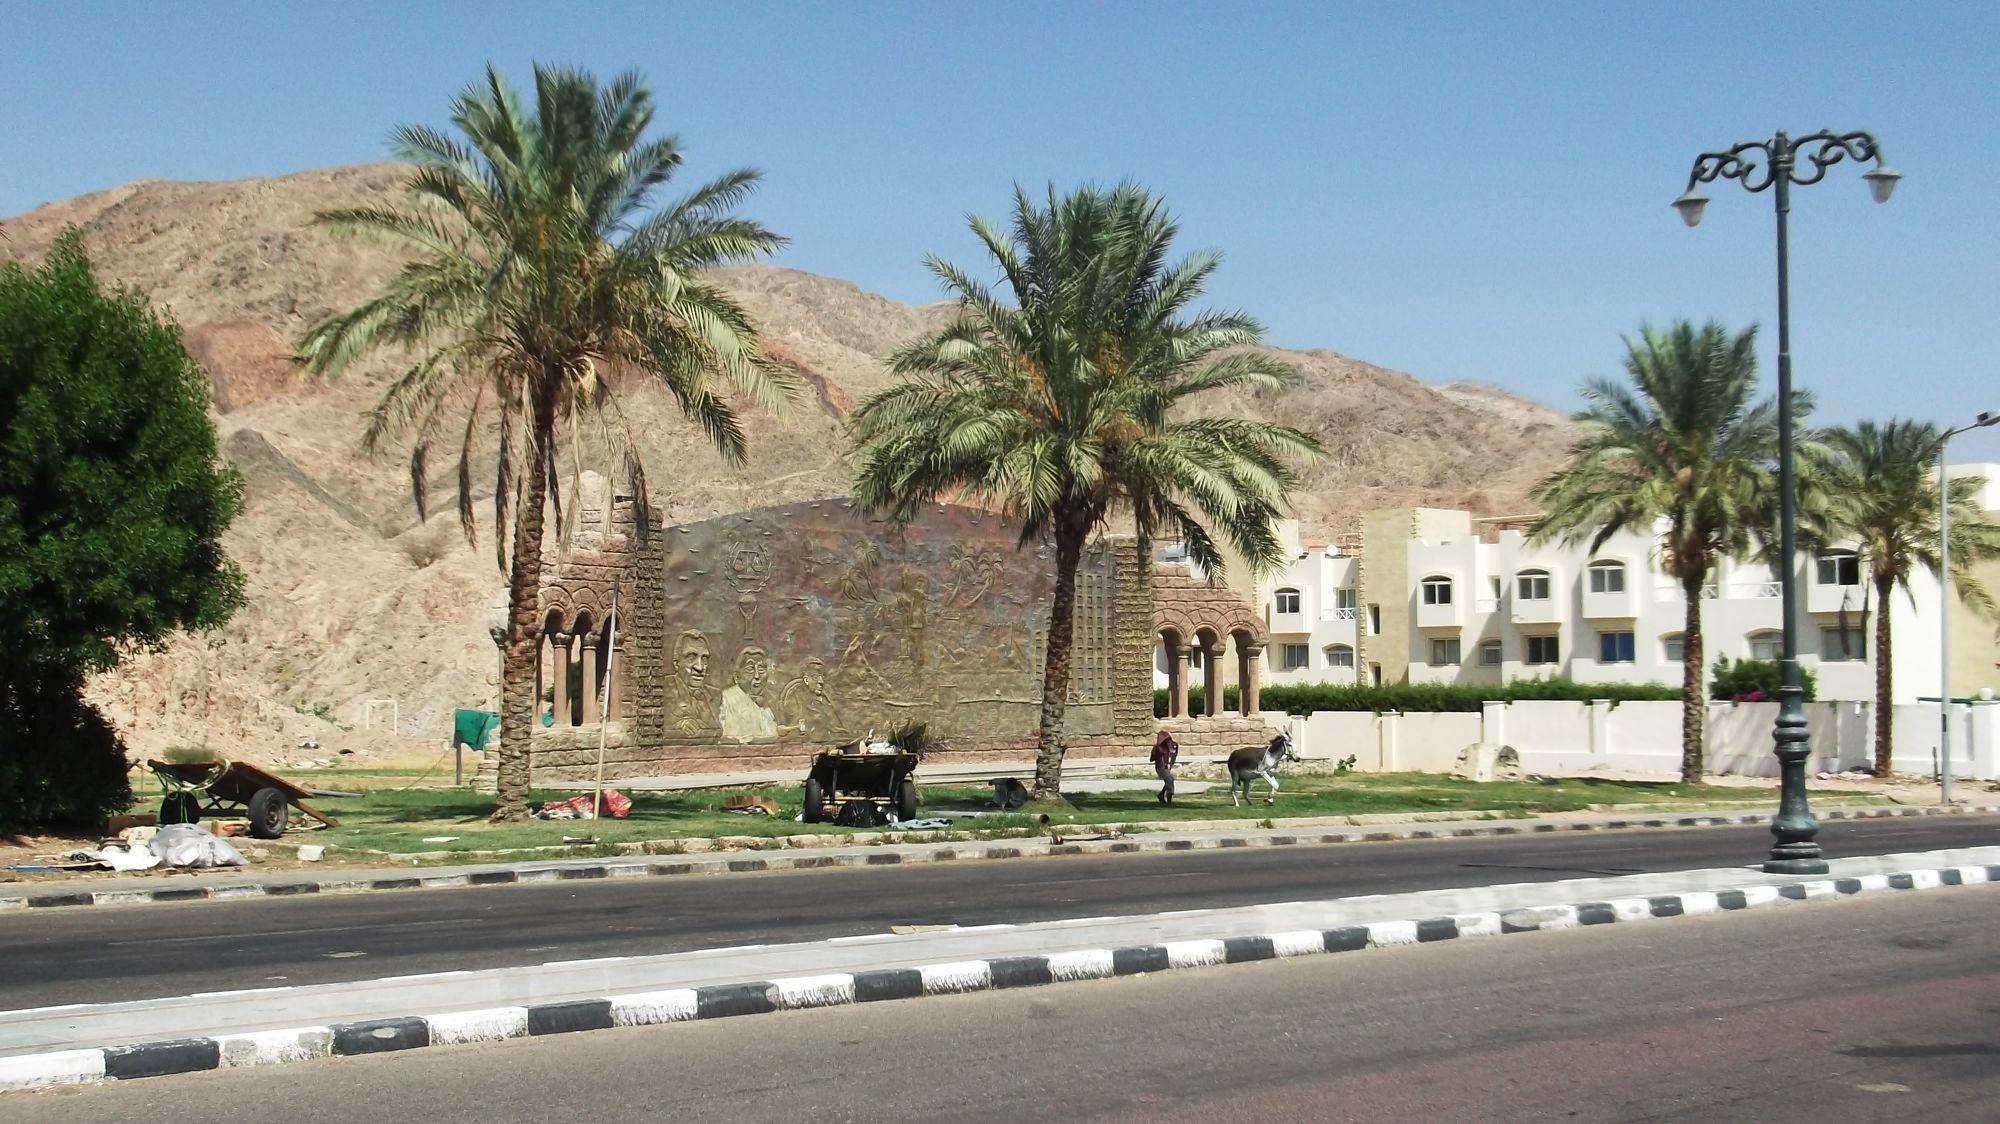 Bliski Wschód - Izrael część 2- przewodnik-zdjęcia-atrakcje turystyczne